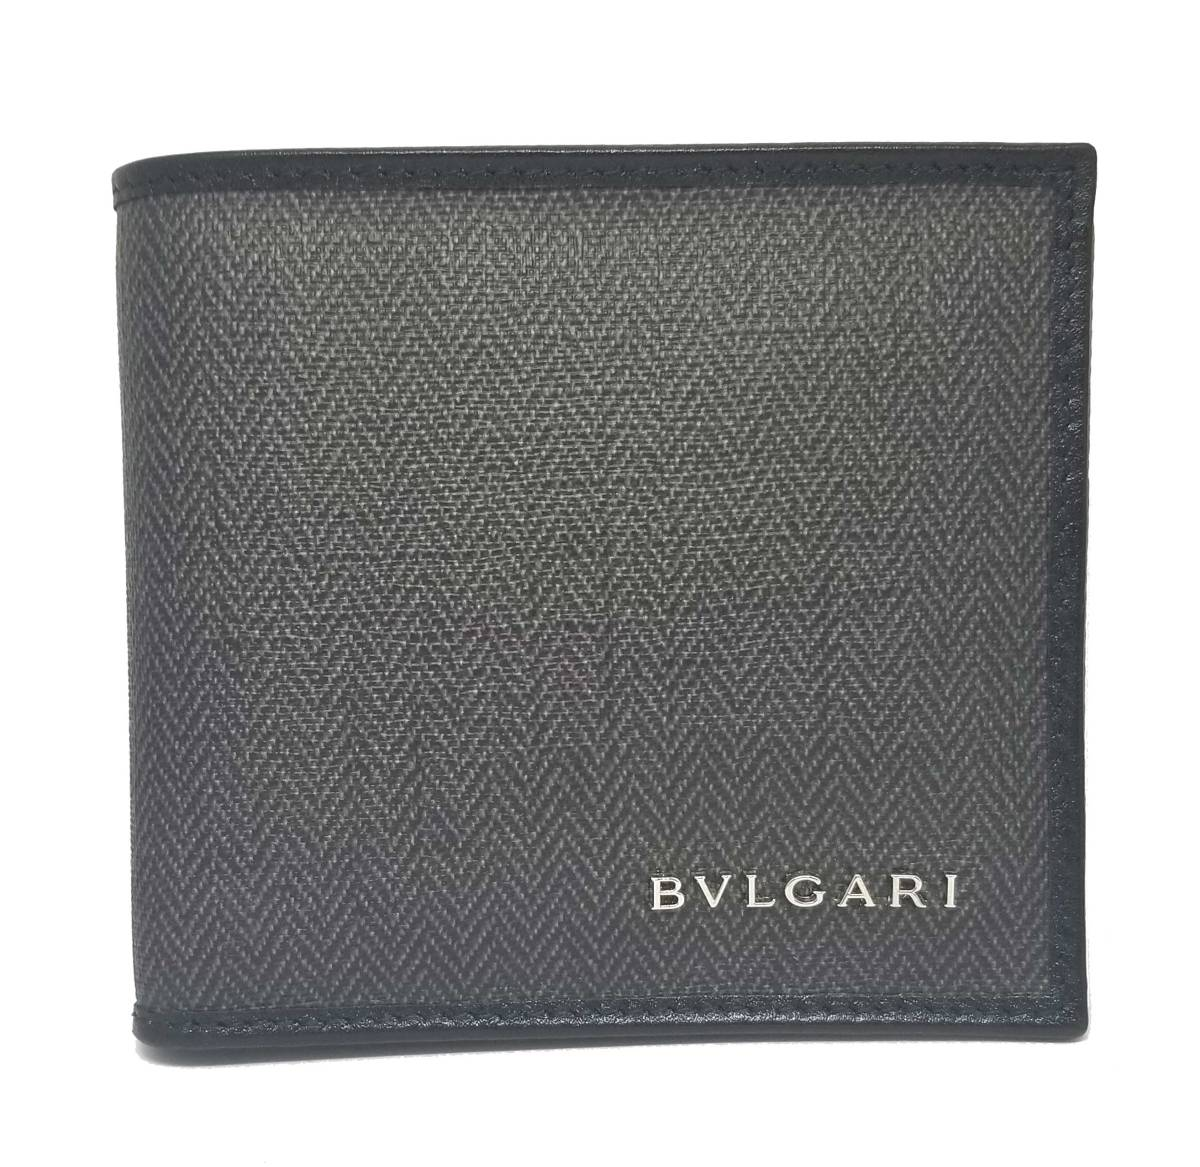 新品同様 ブルガリ 財布 ウィークエンド 二つ折り グレー 二つ折り財布 メンズ 32581 BVLGARI ウイークエンド   【中古】